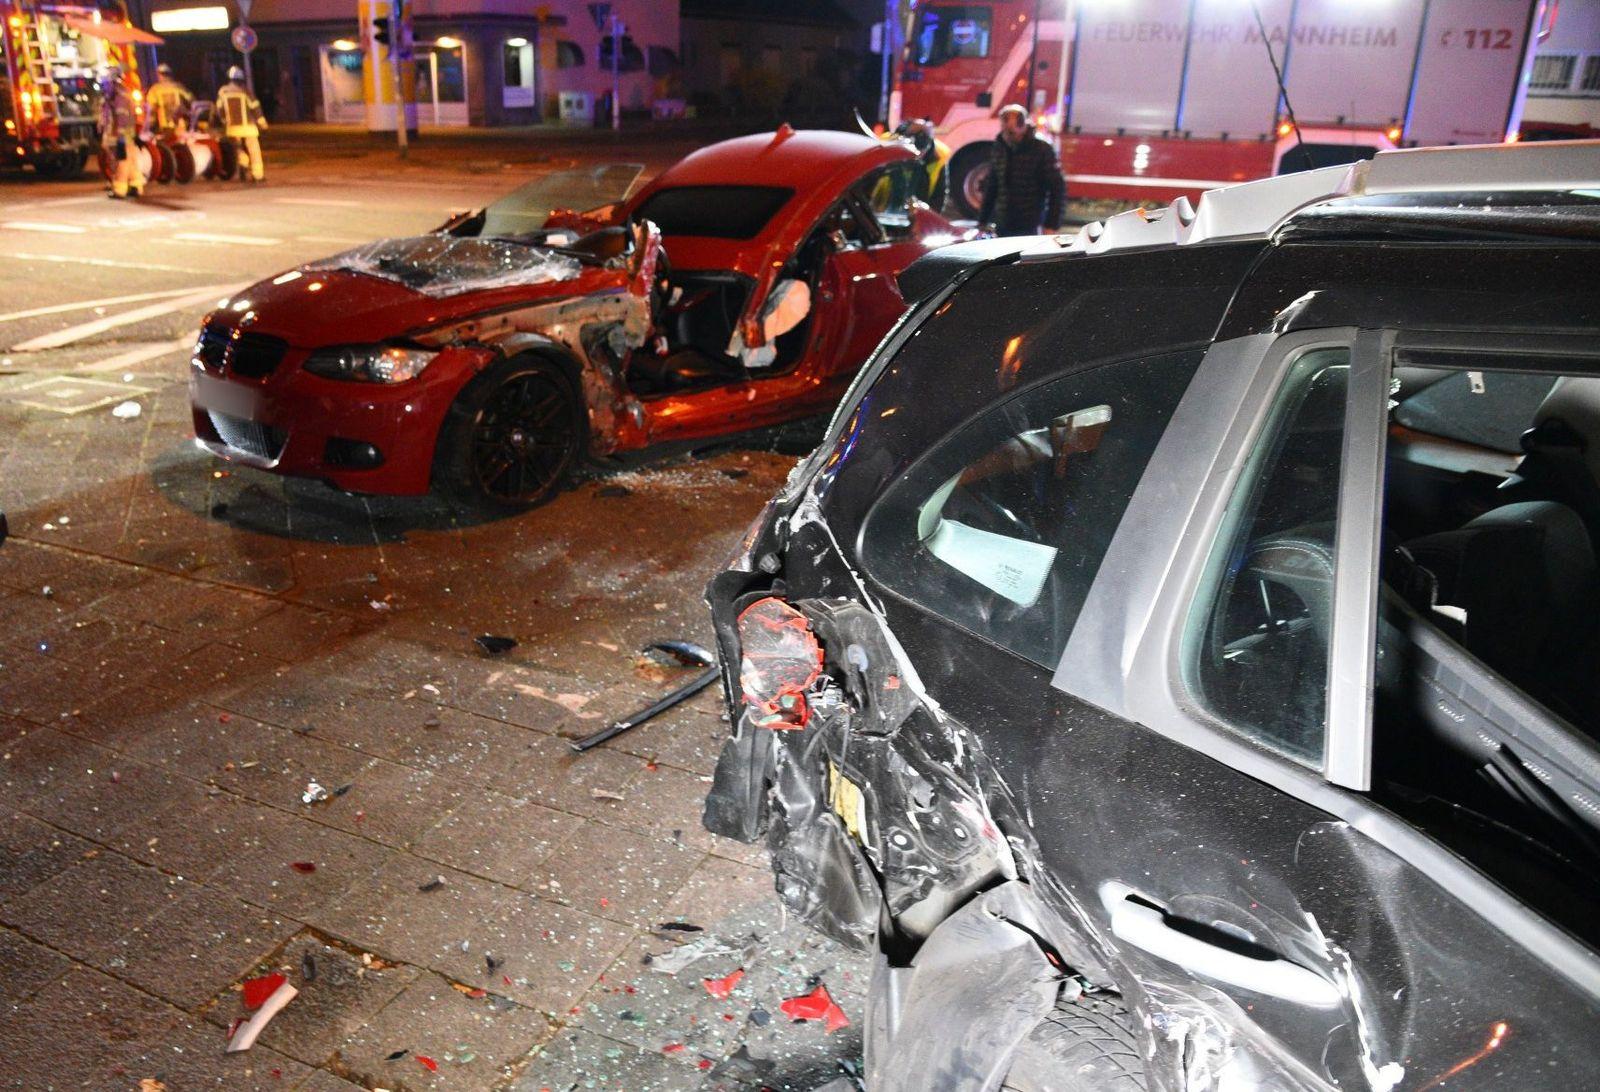 Sportwagenfahrer schleudert in parkende Autos